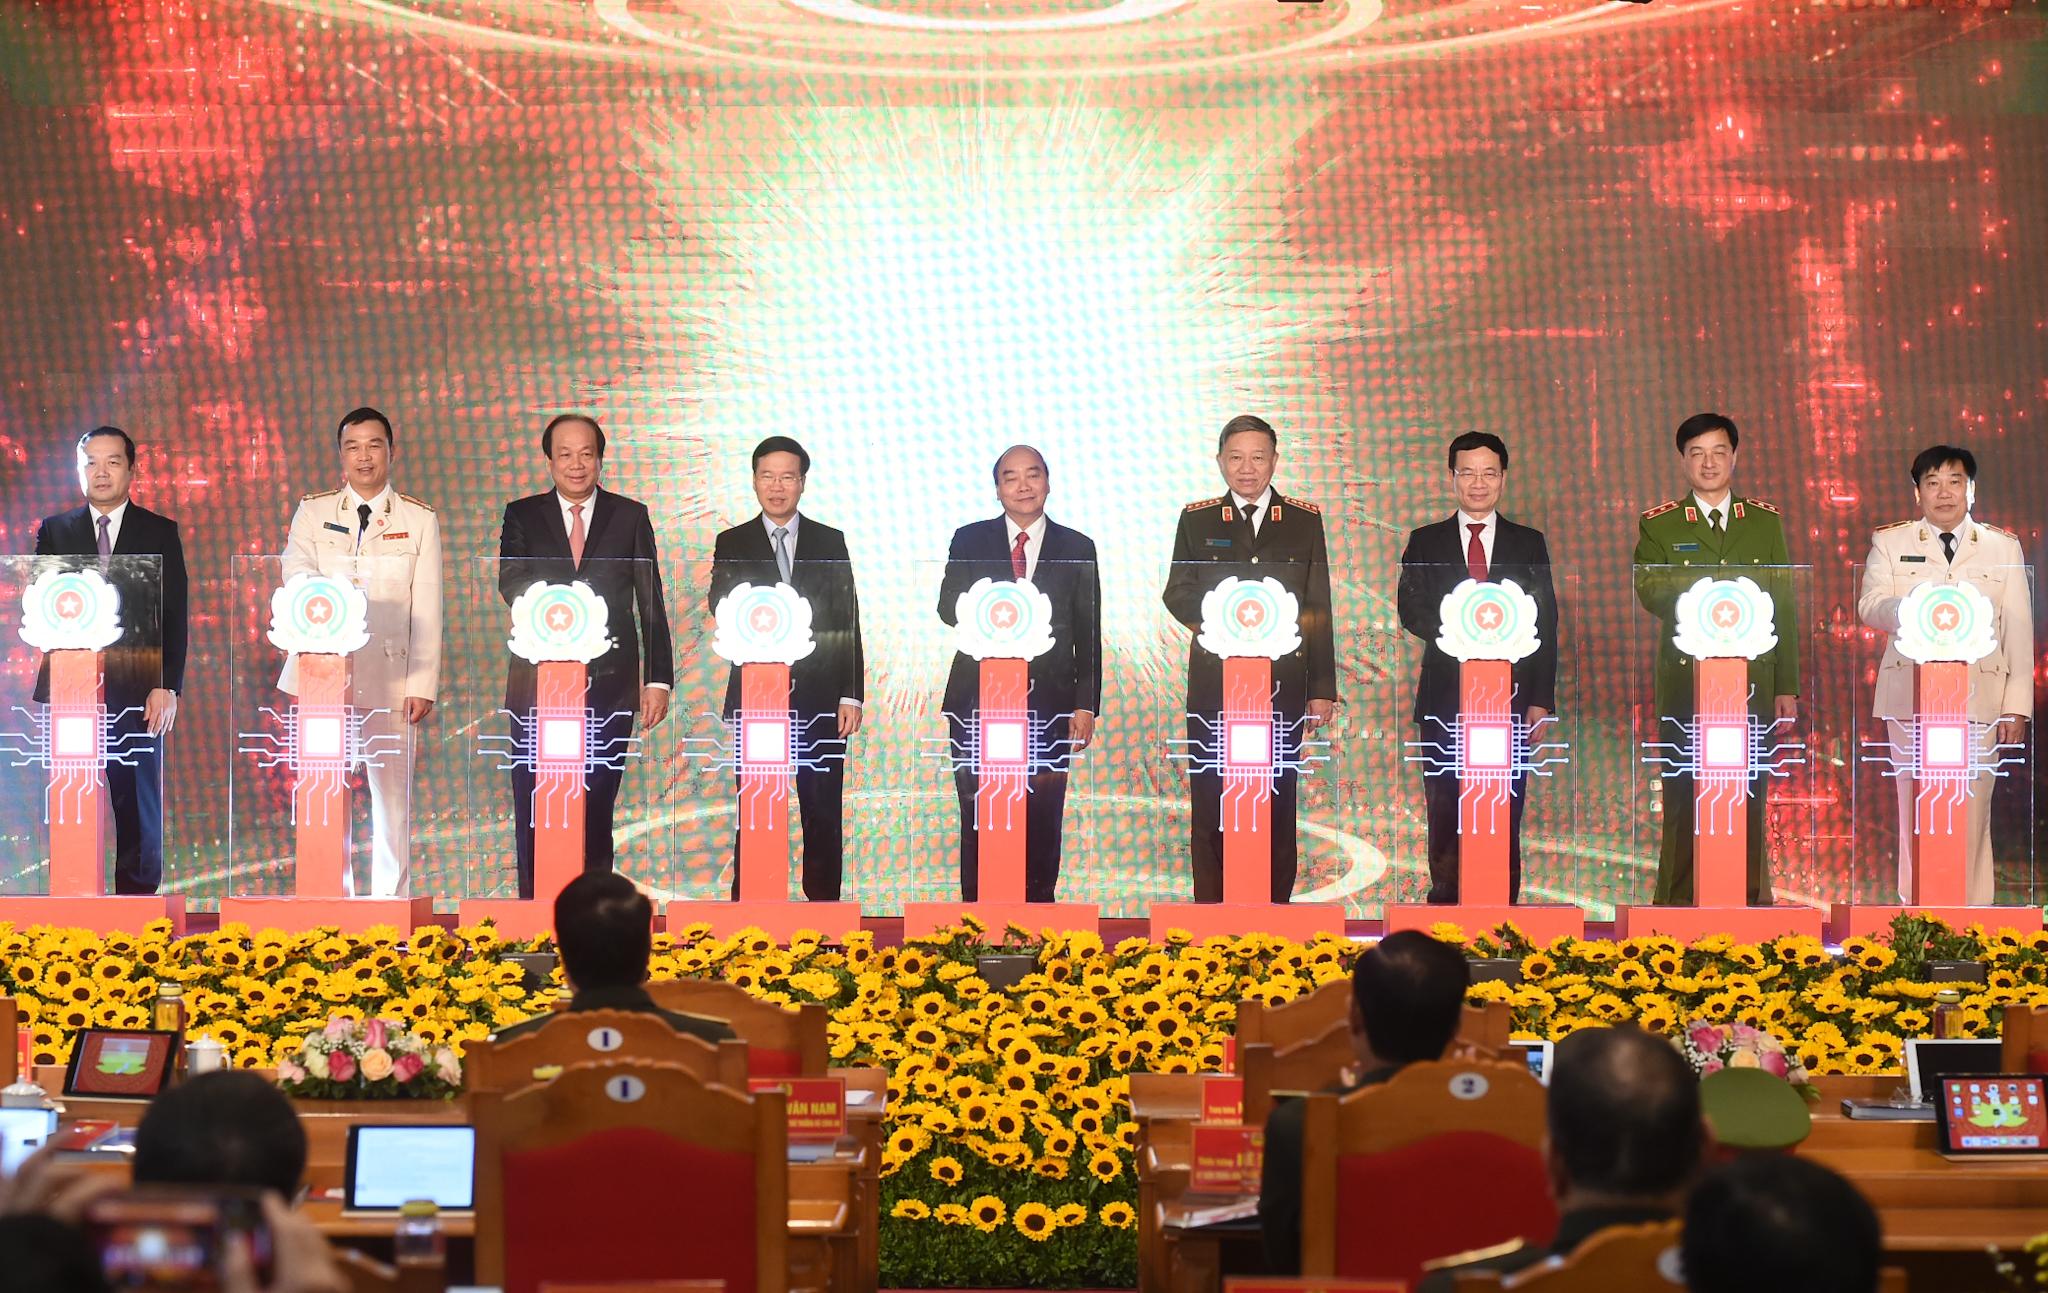 Thủ tướng dự khai trương 2 hệ thống CSDL phục vụ lợi ích cho mọi người dân 6